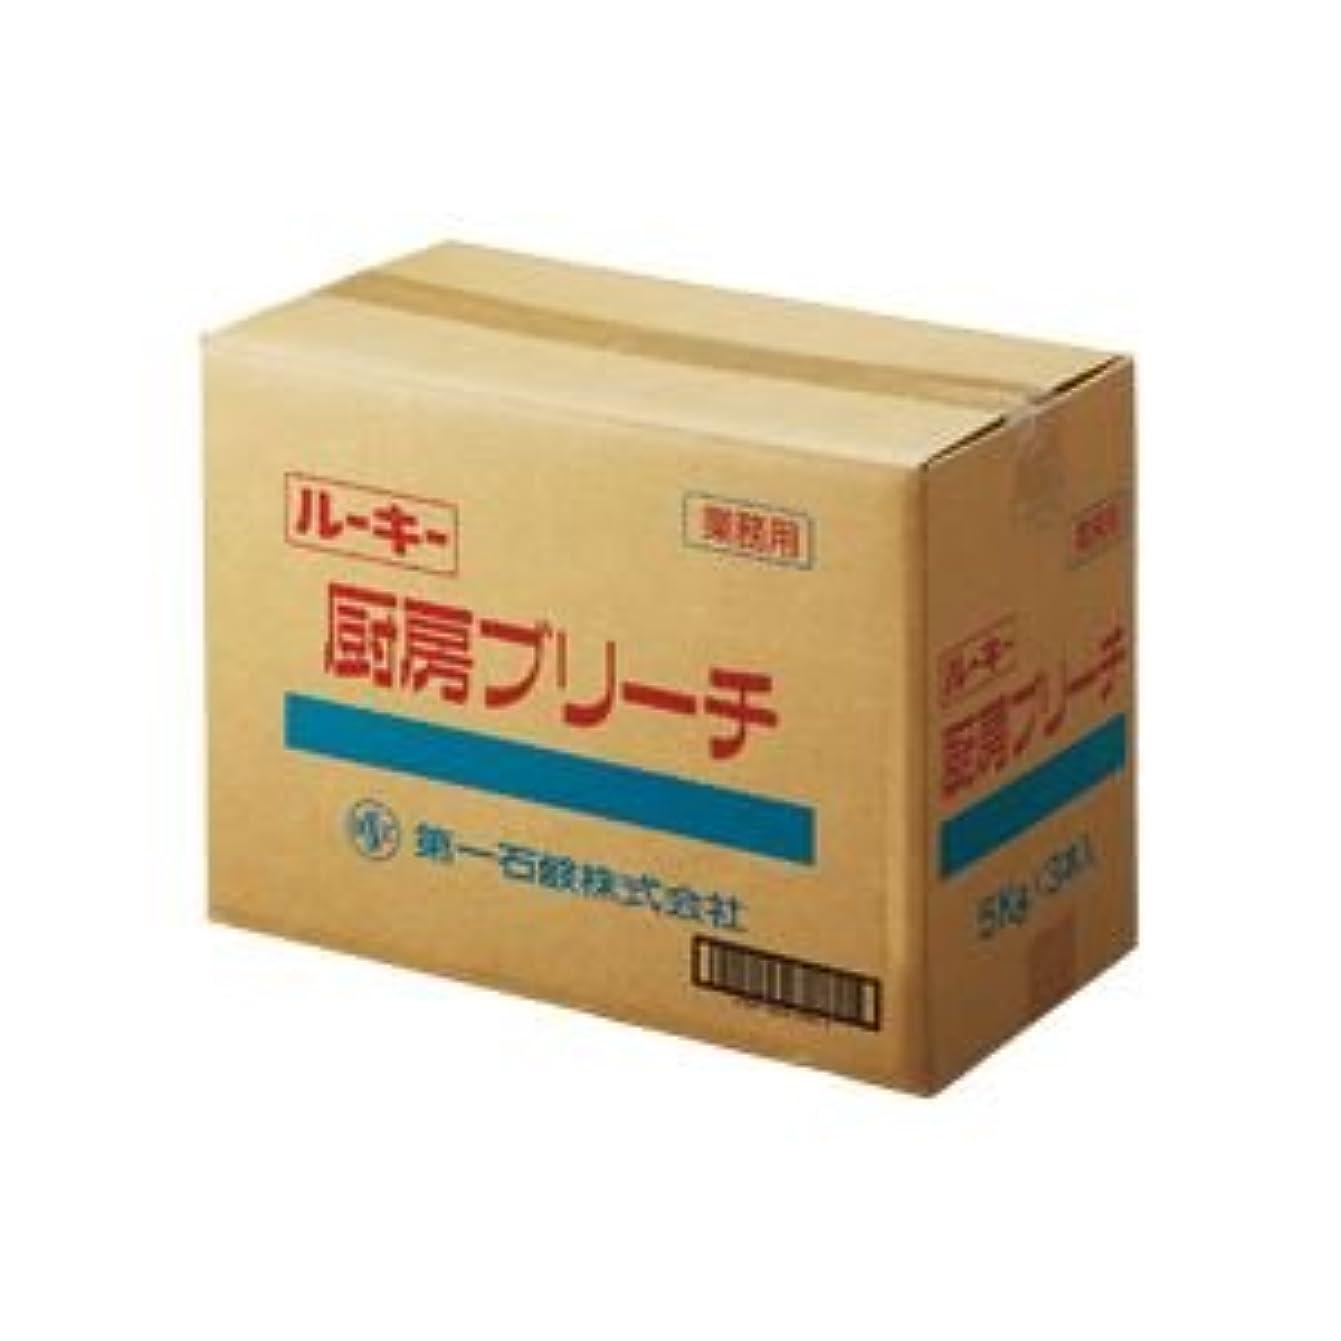 複雑留まるお(まとめ) 第一石鹸 ルーキー 厨房ブリーチ 業務用 5kg/本 1セット(3本) 【×2セット】